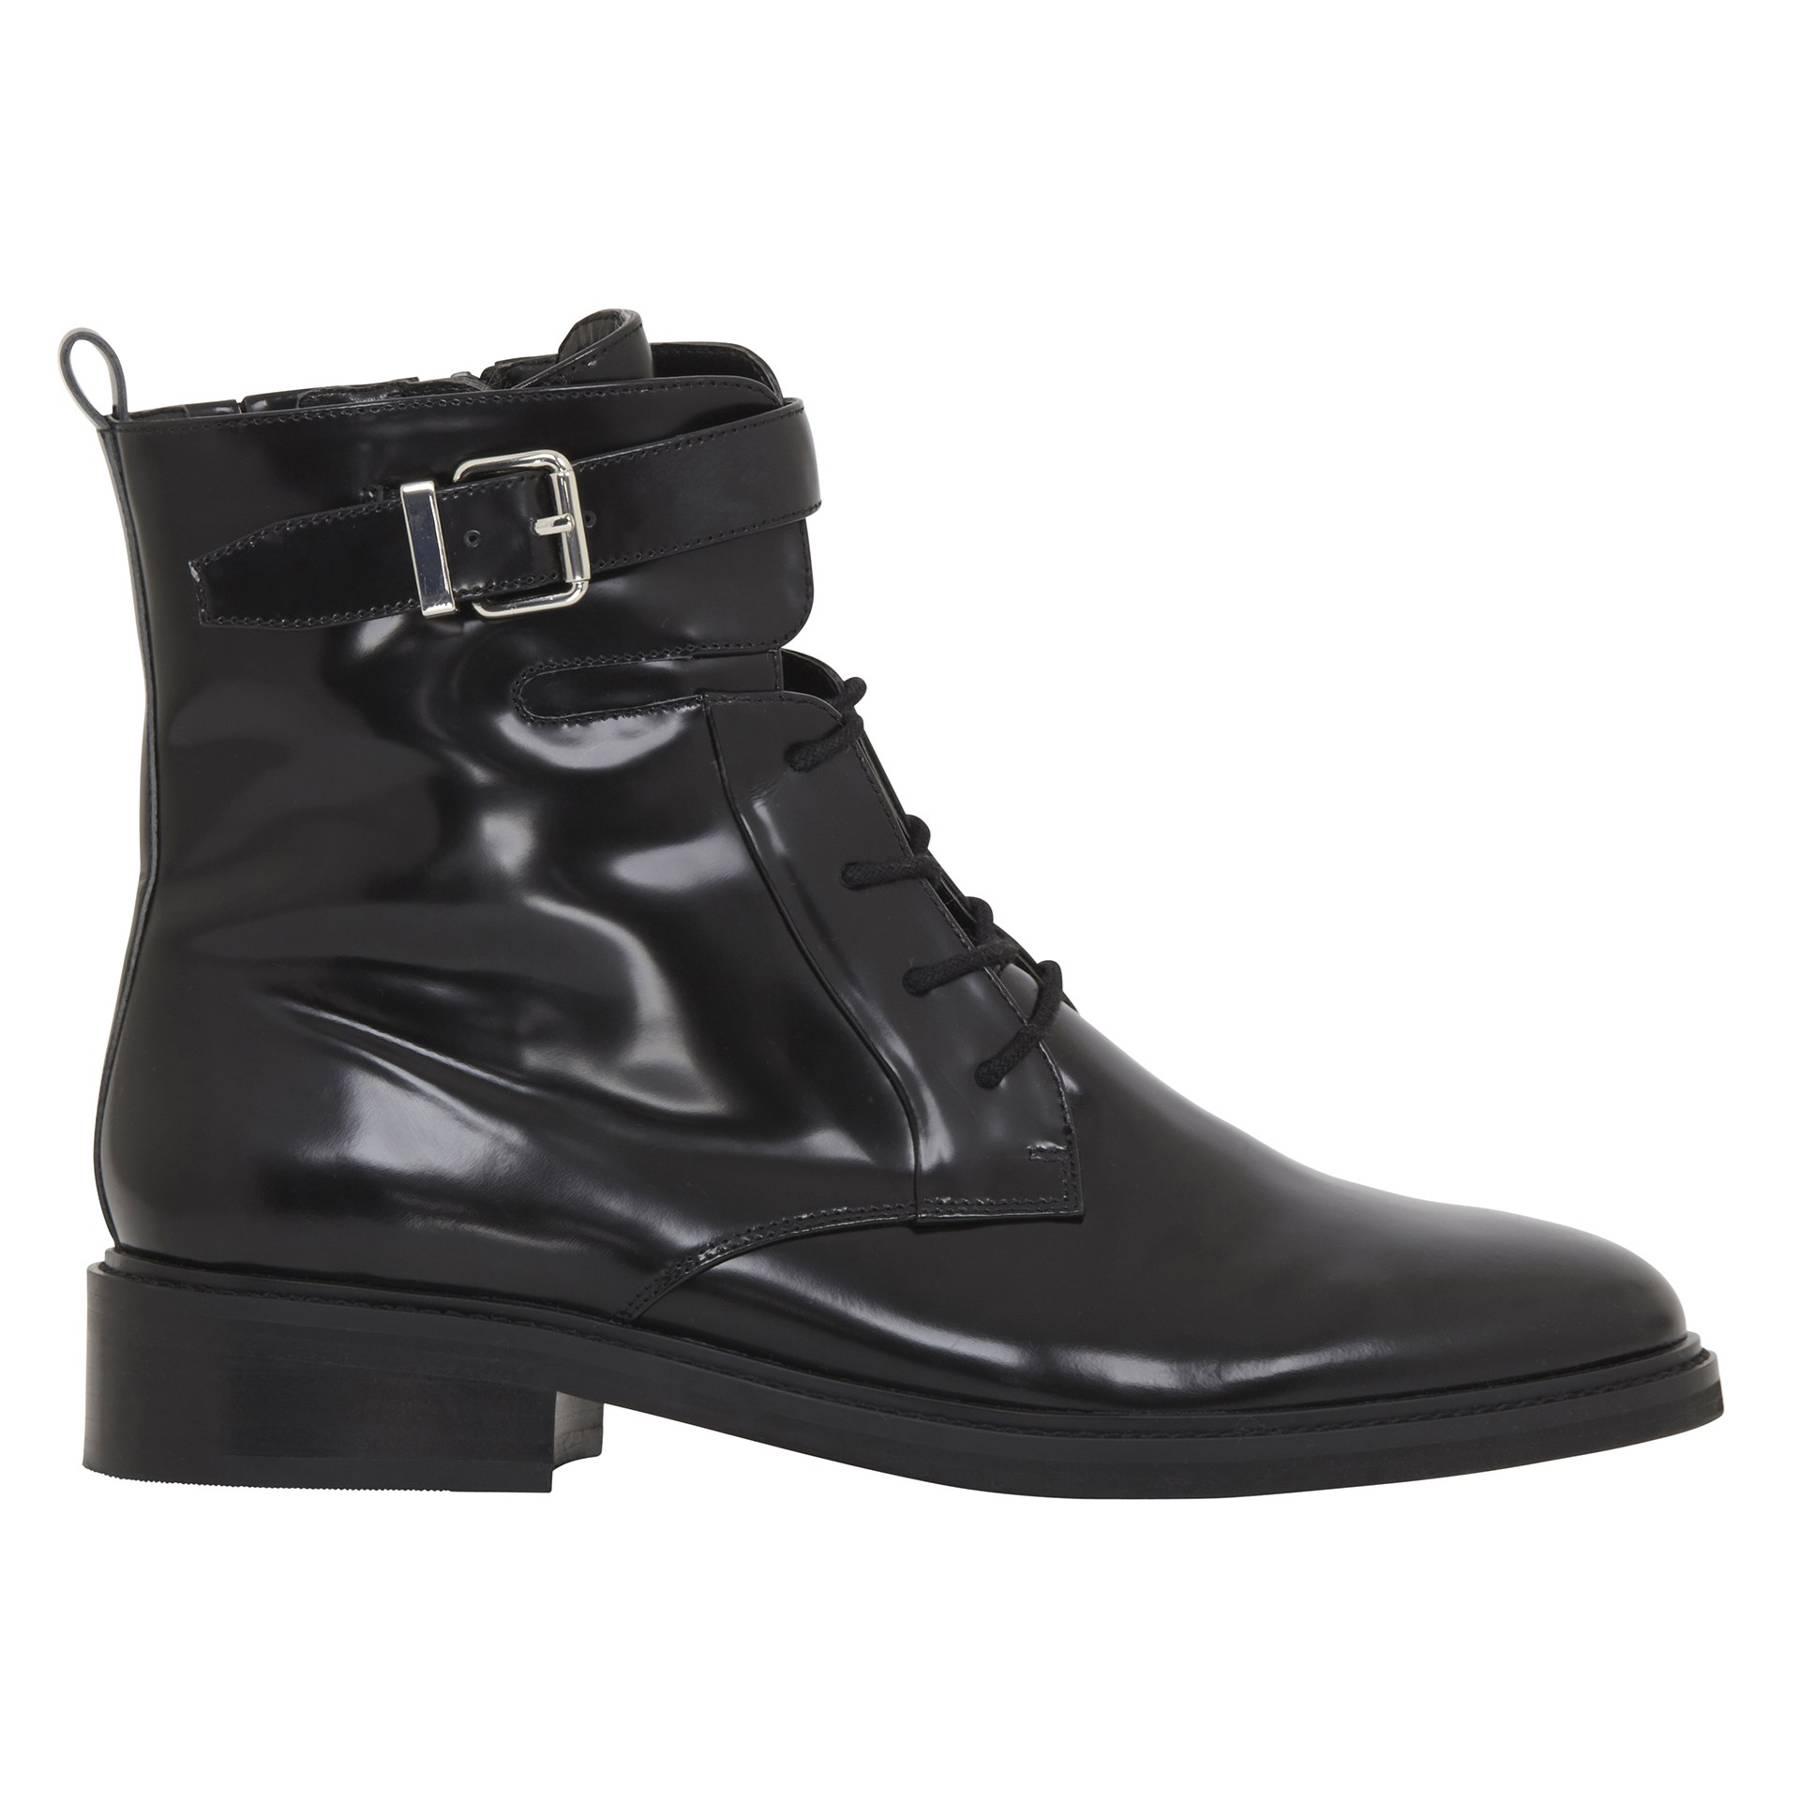 a946326e2 Winter boots for women autumn winter 2016